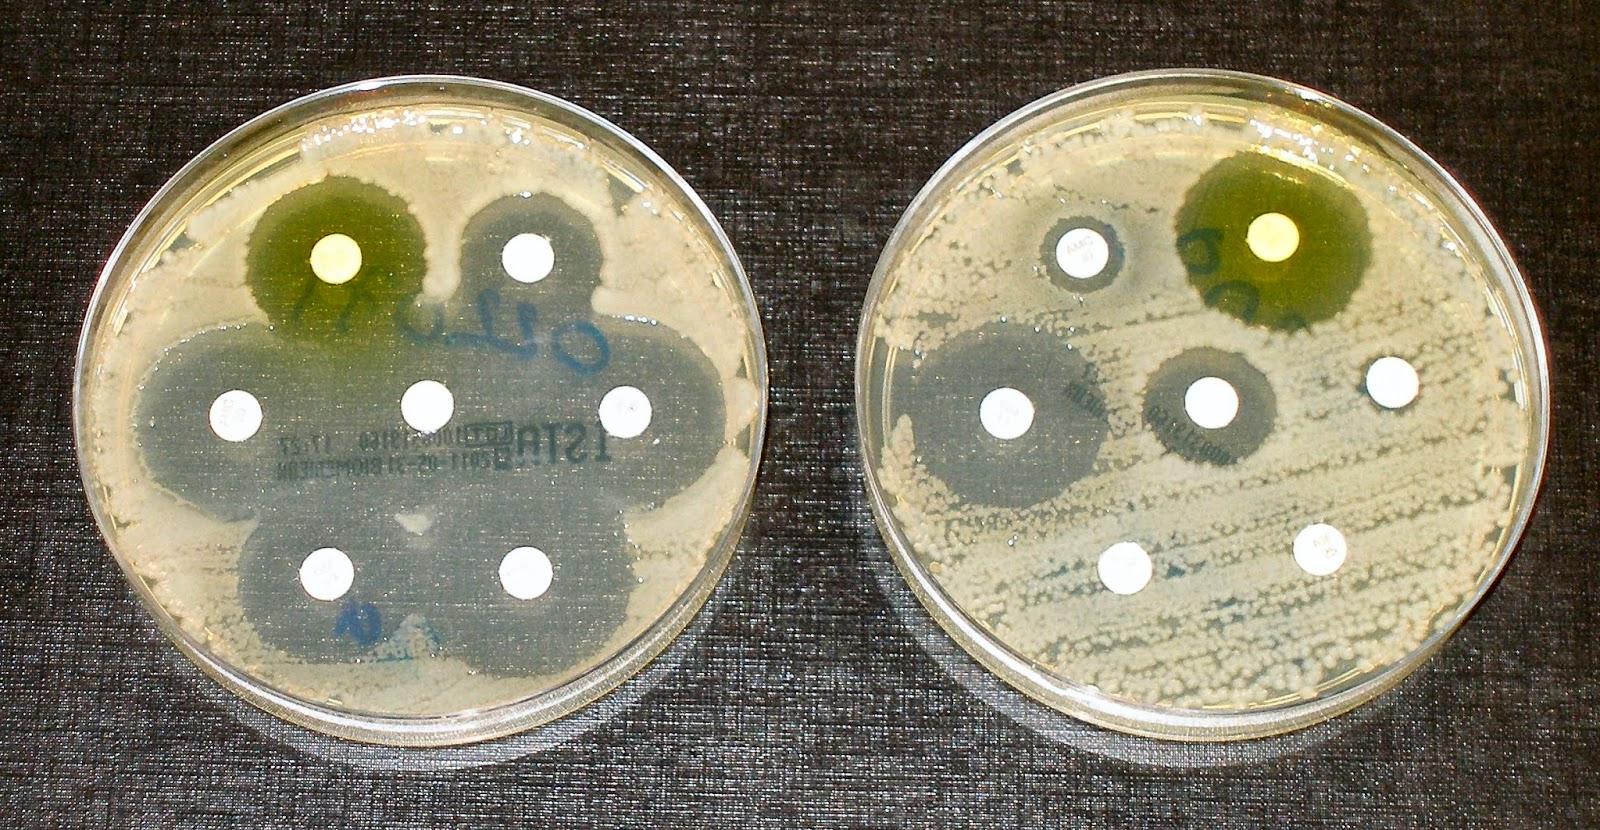 Predicting Antibiotic Resistance